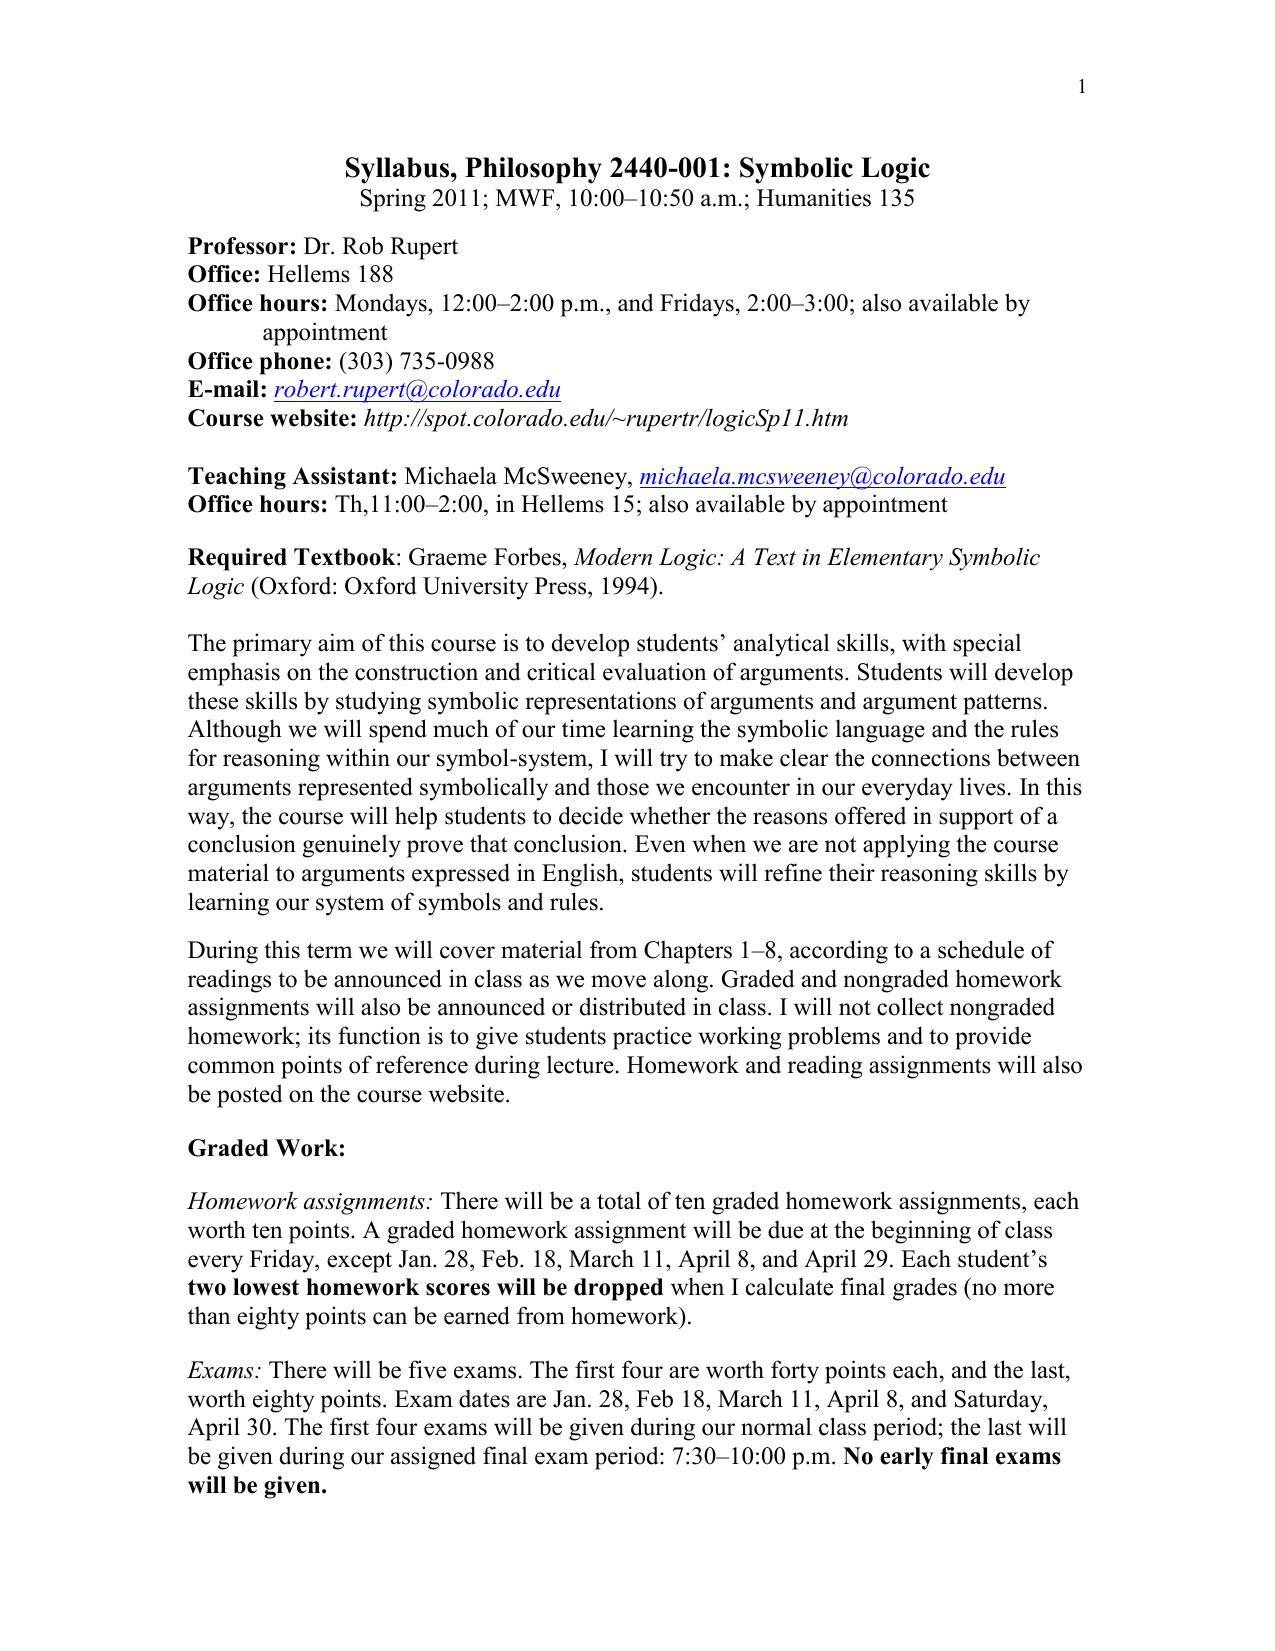 barbri essay advantage san francisco Research paper street vendors in san francisco mac vs pc viruses comparison essay badria essayed instagram app en son yazılar barbri essay advantage for florida 2018/10/12 aldırdığınız yağdan kök hücre üretiyorlar 2018/09/16.